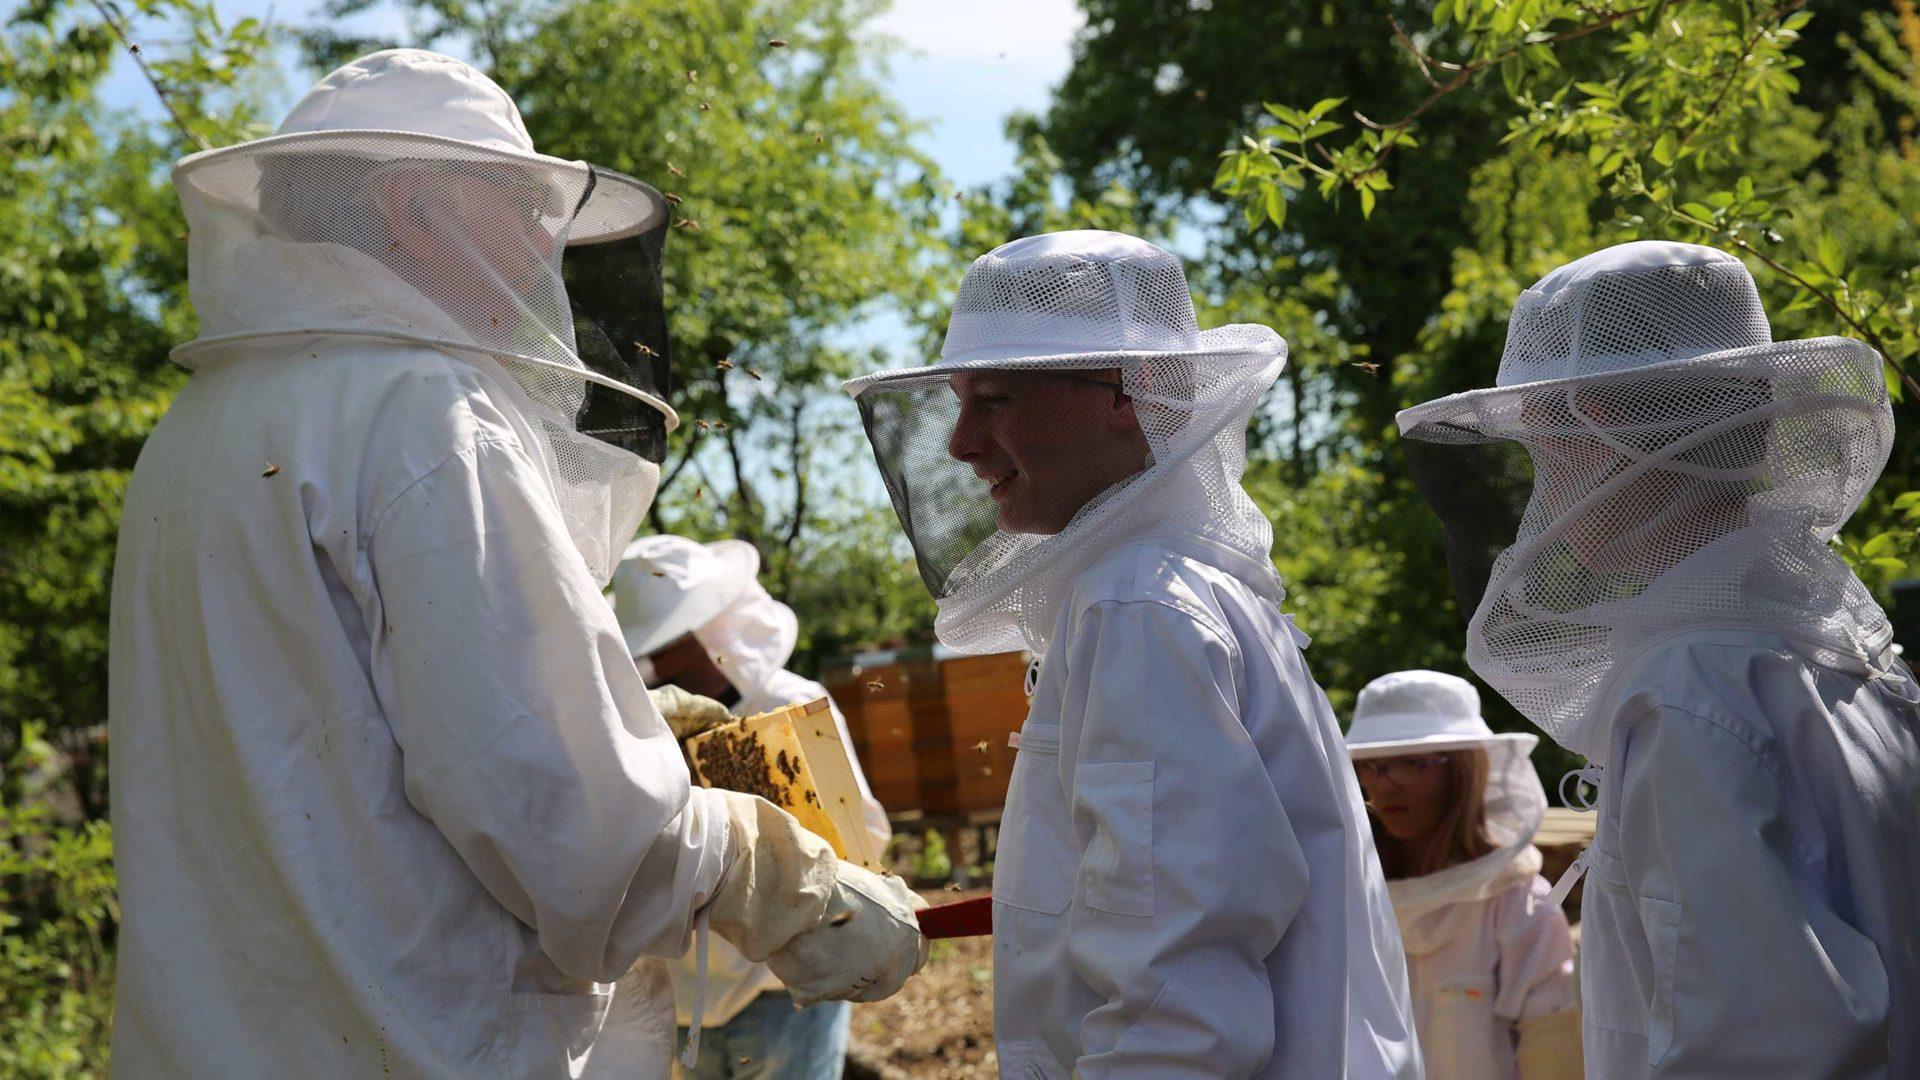 Aktion Mahlzeit bei den Imkern. Die Kinder dürfen in echte Imkeranzüge anziehen und kommen ganz nah an die Bienen heran.